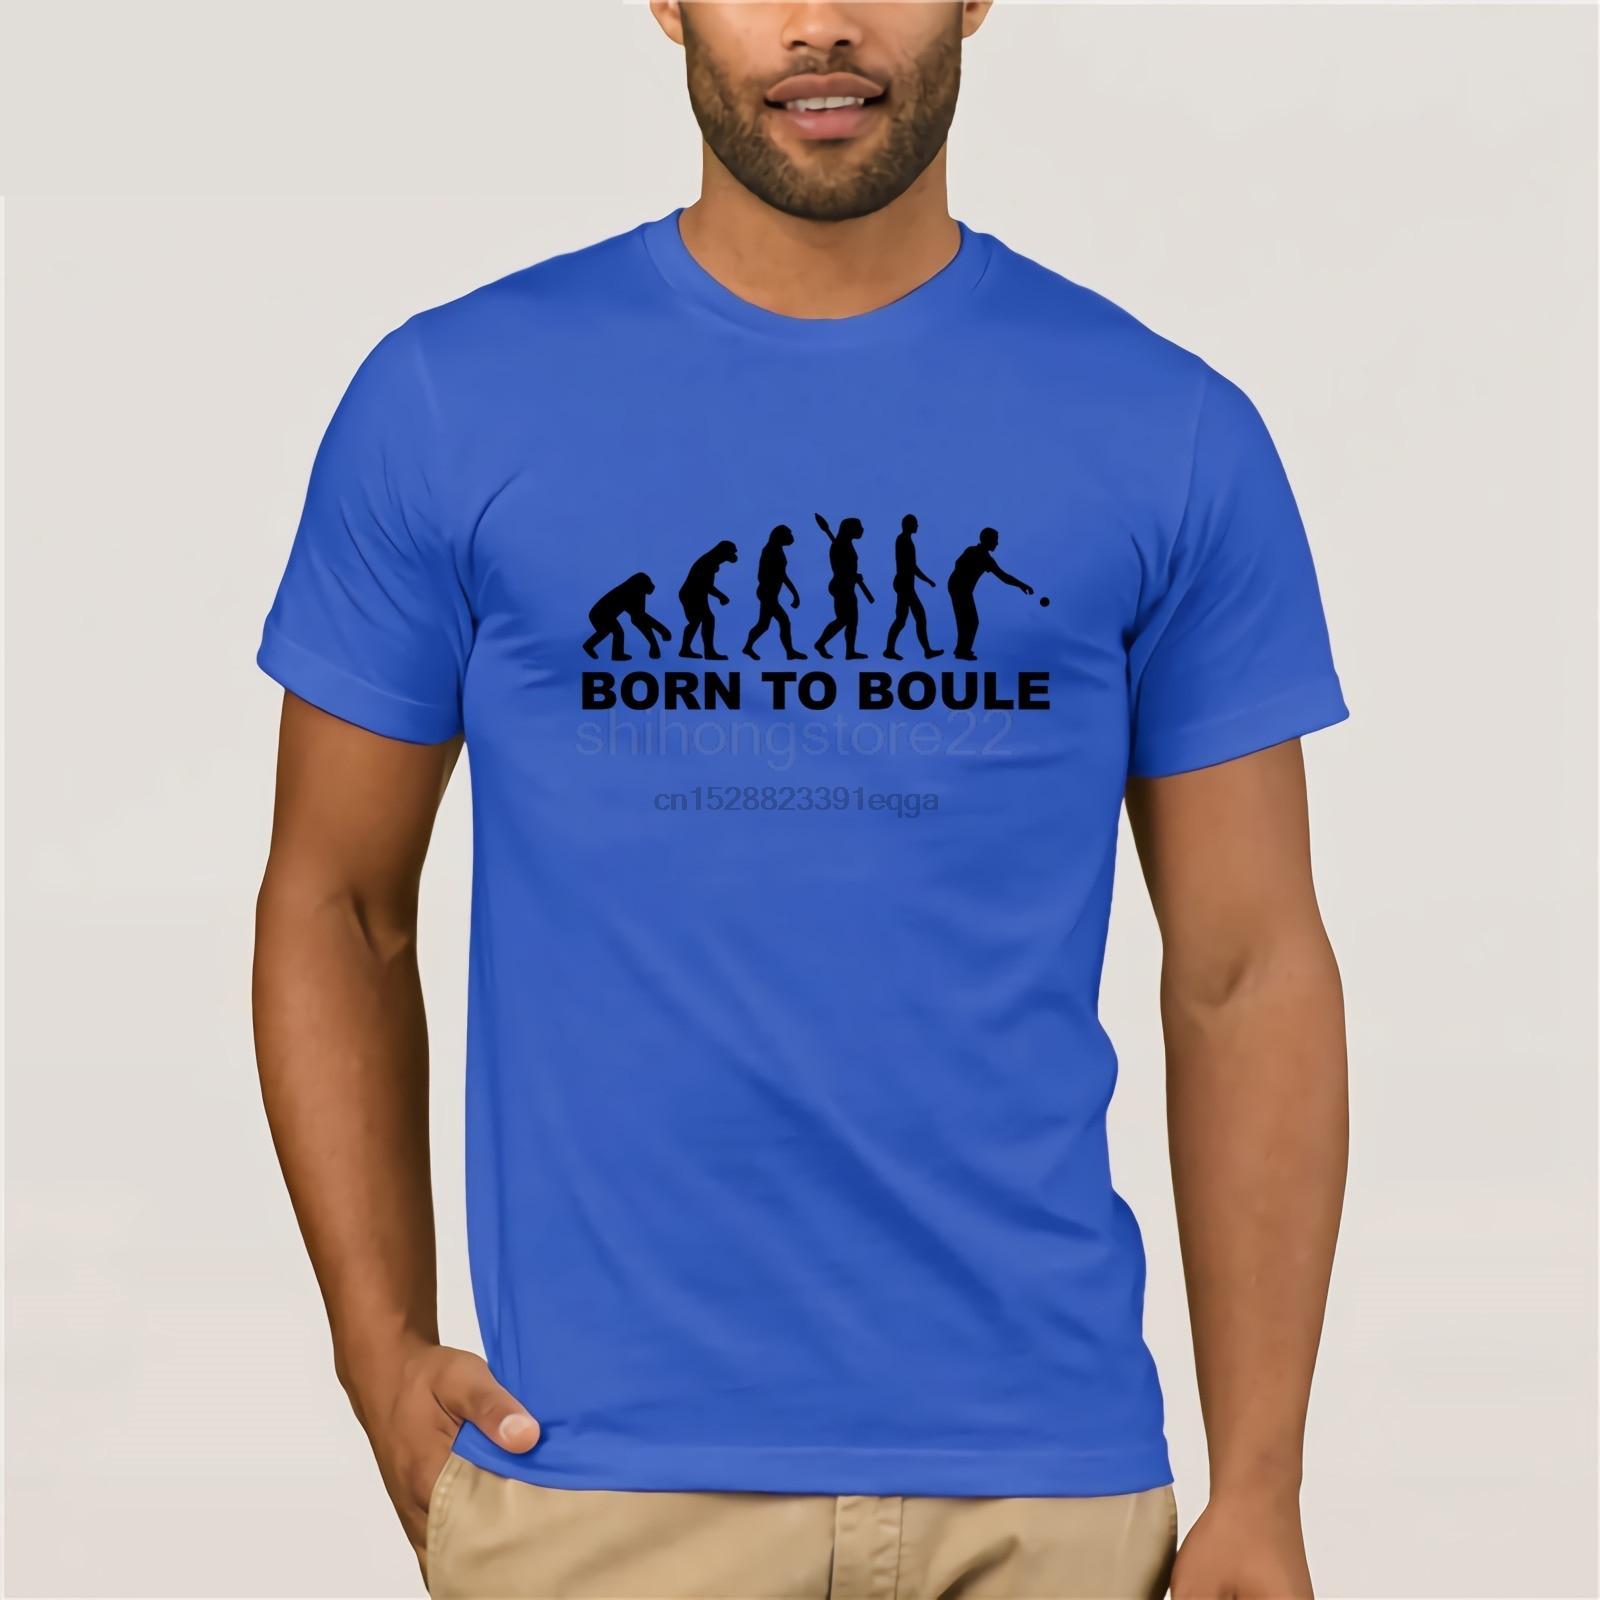 Evoluzione della Petanque personale la maglietta regalo divertente scimmia all'uomo Umorismo nuove magliette divertente SUPERA IL T Nuovo unisex divertente Top